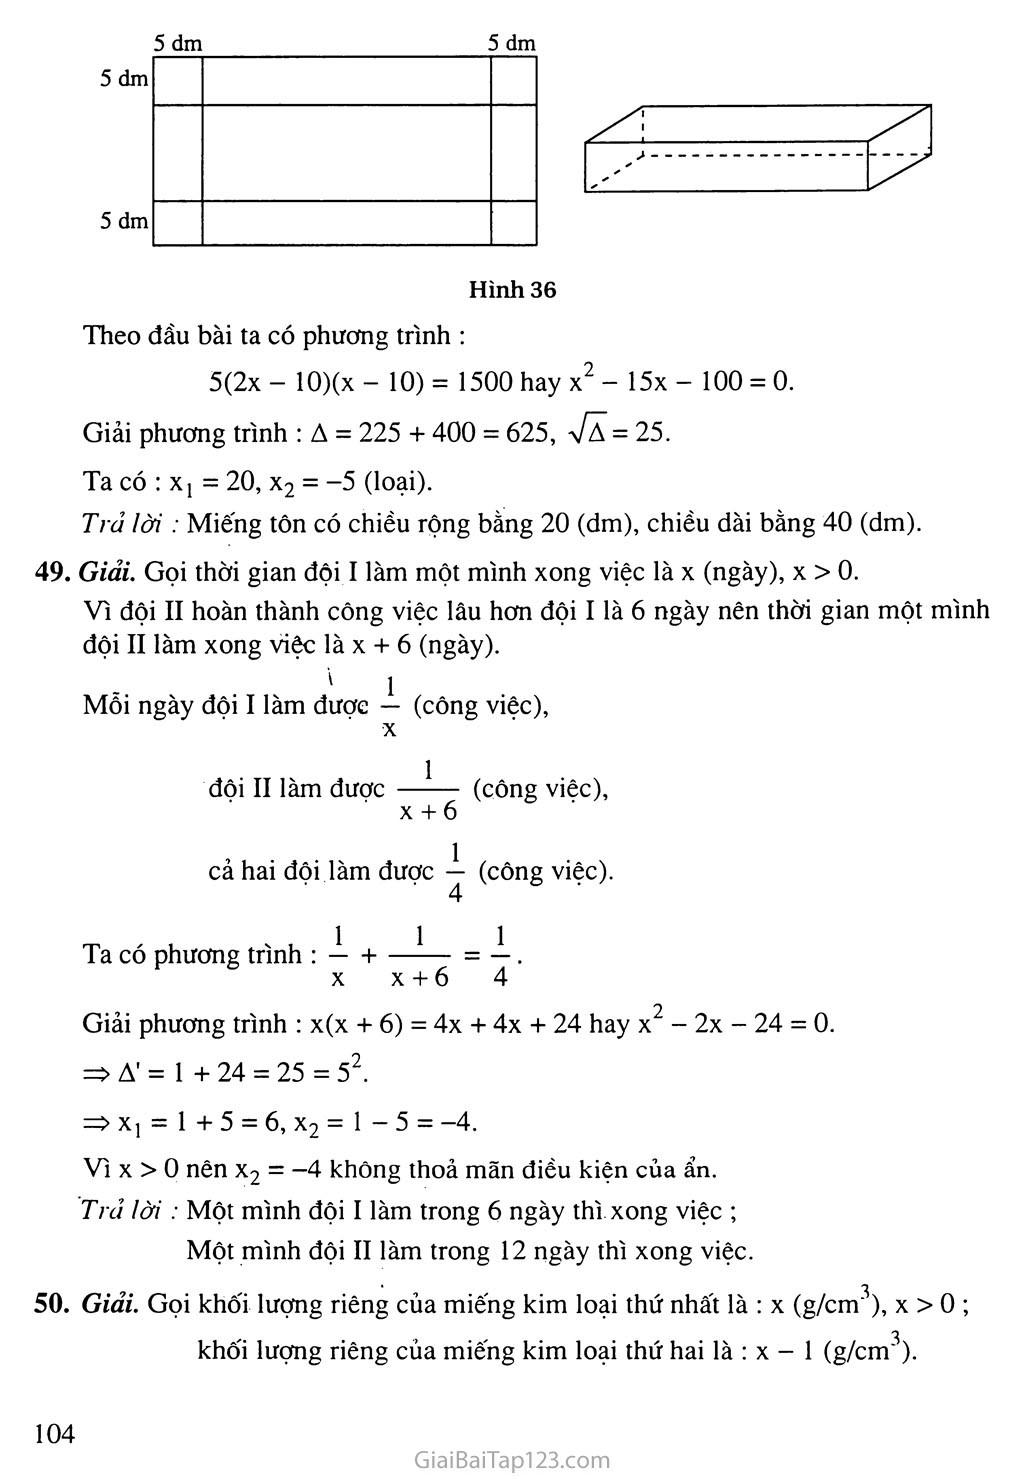 Bài 8. Giải bài toán bằng cách lập phương trình trang 6